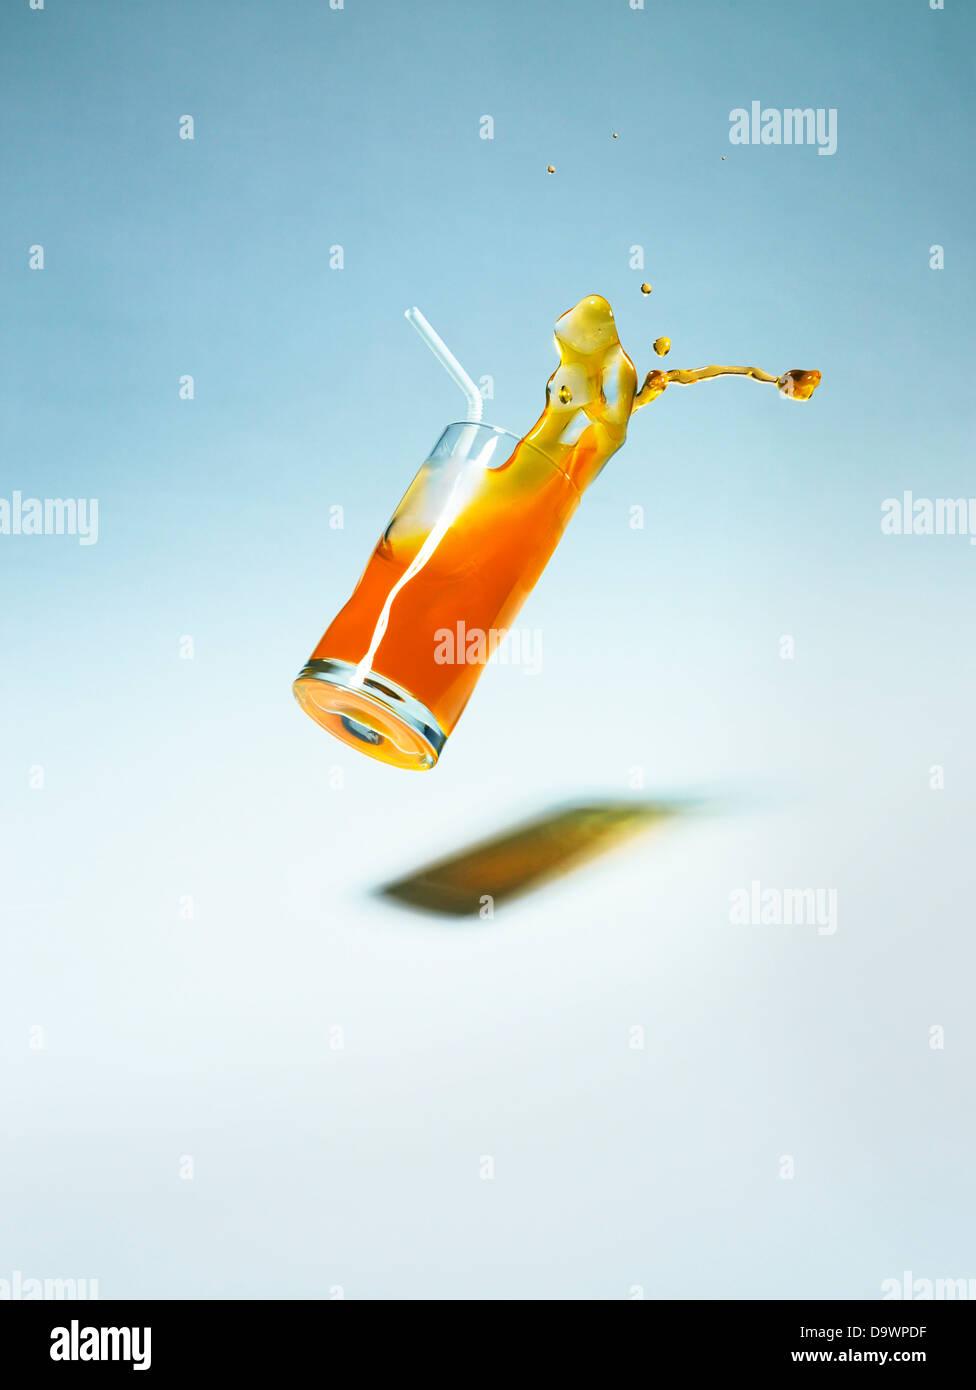 bevanda che cadono Immagini Stock